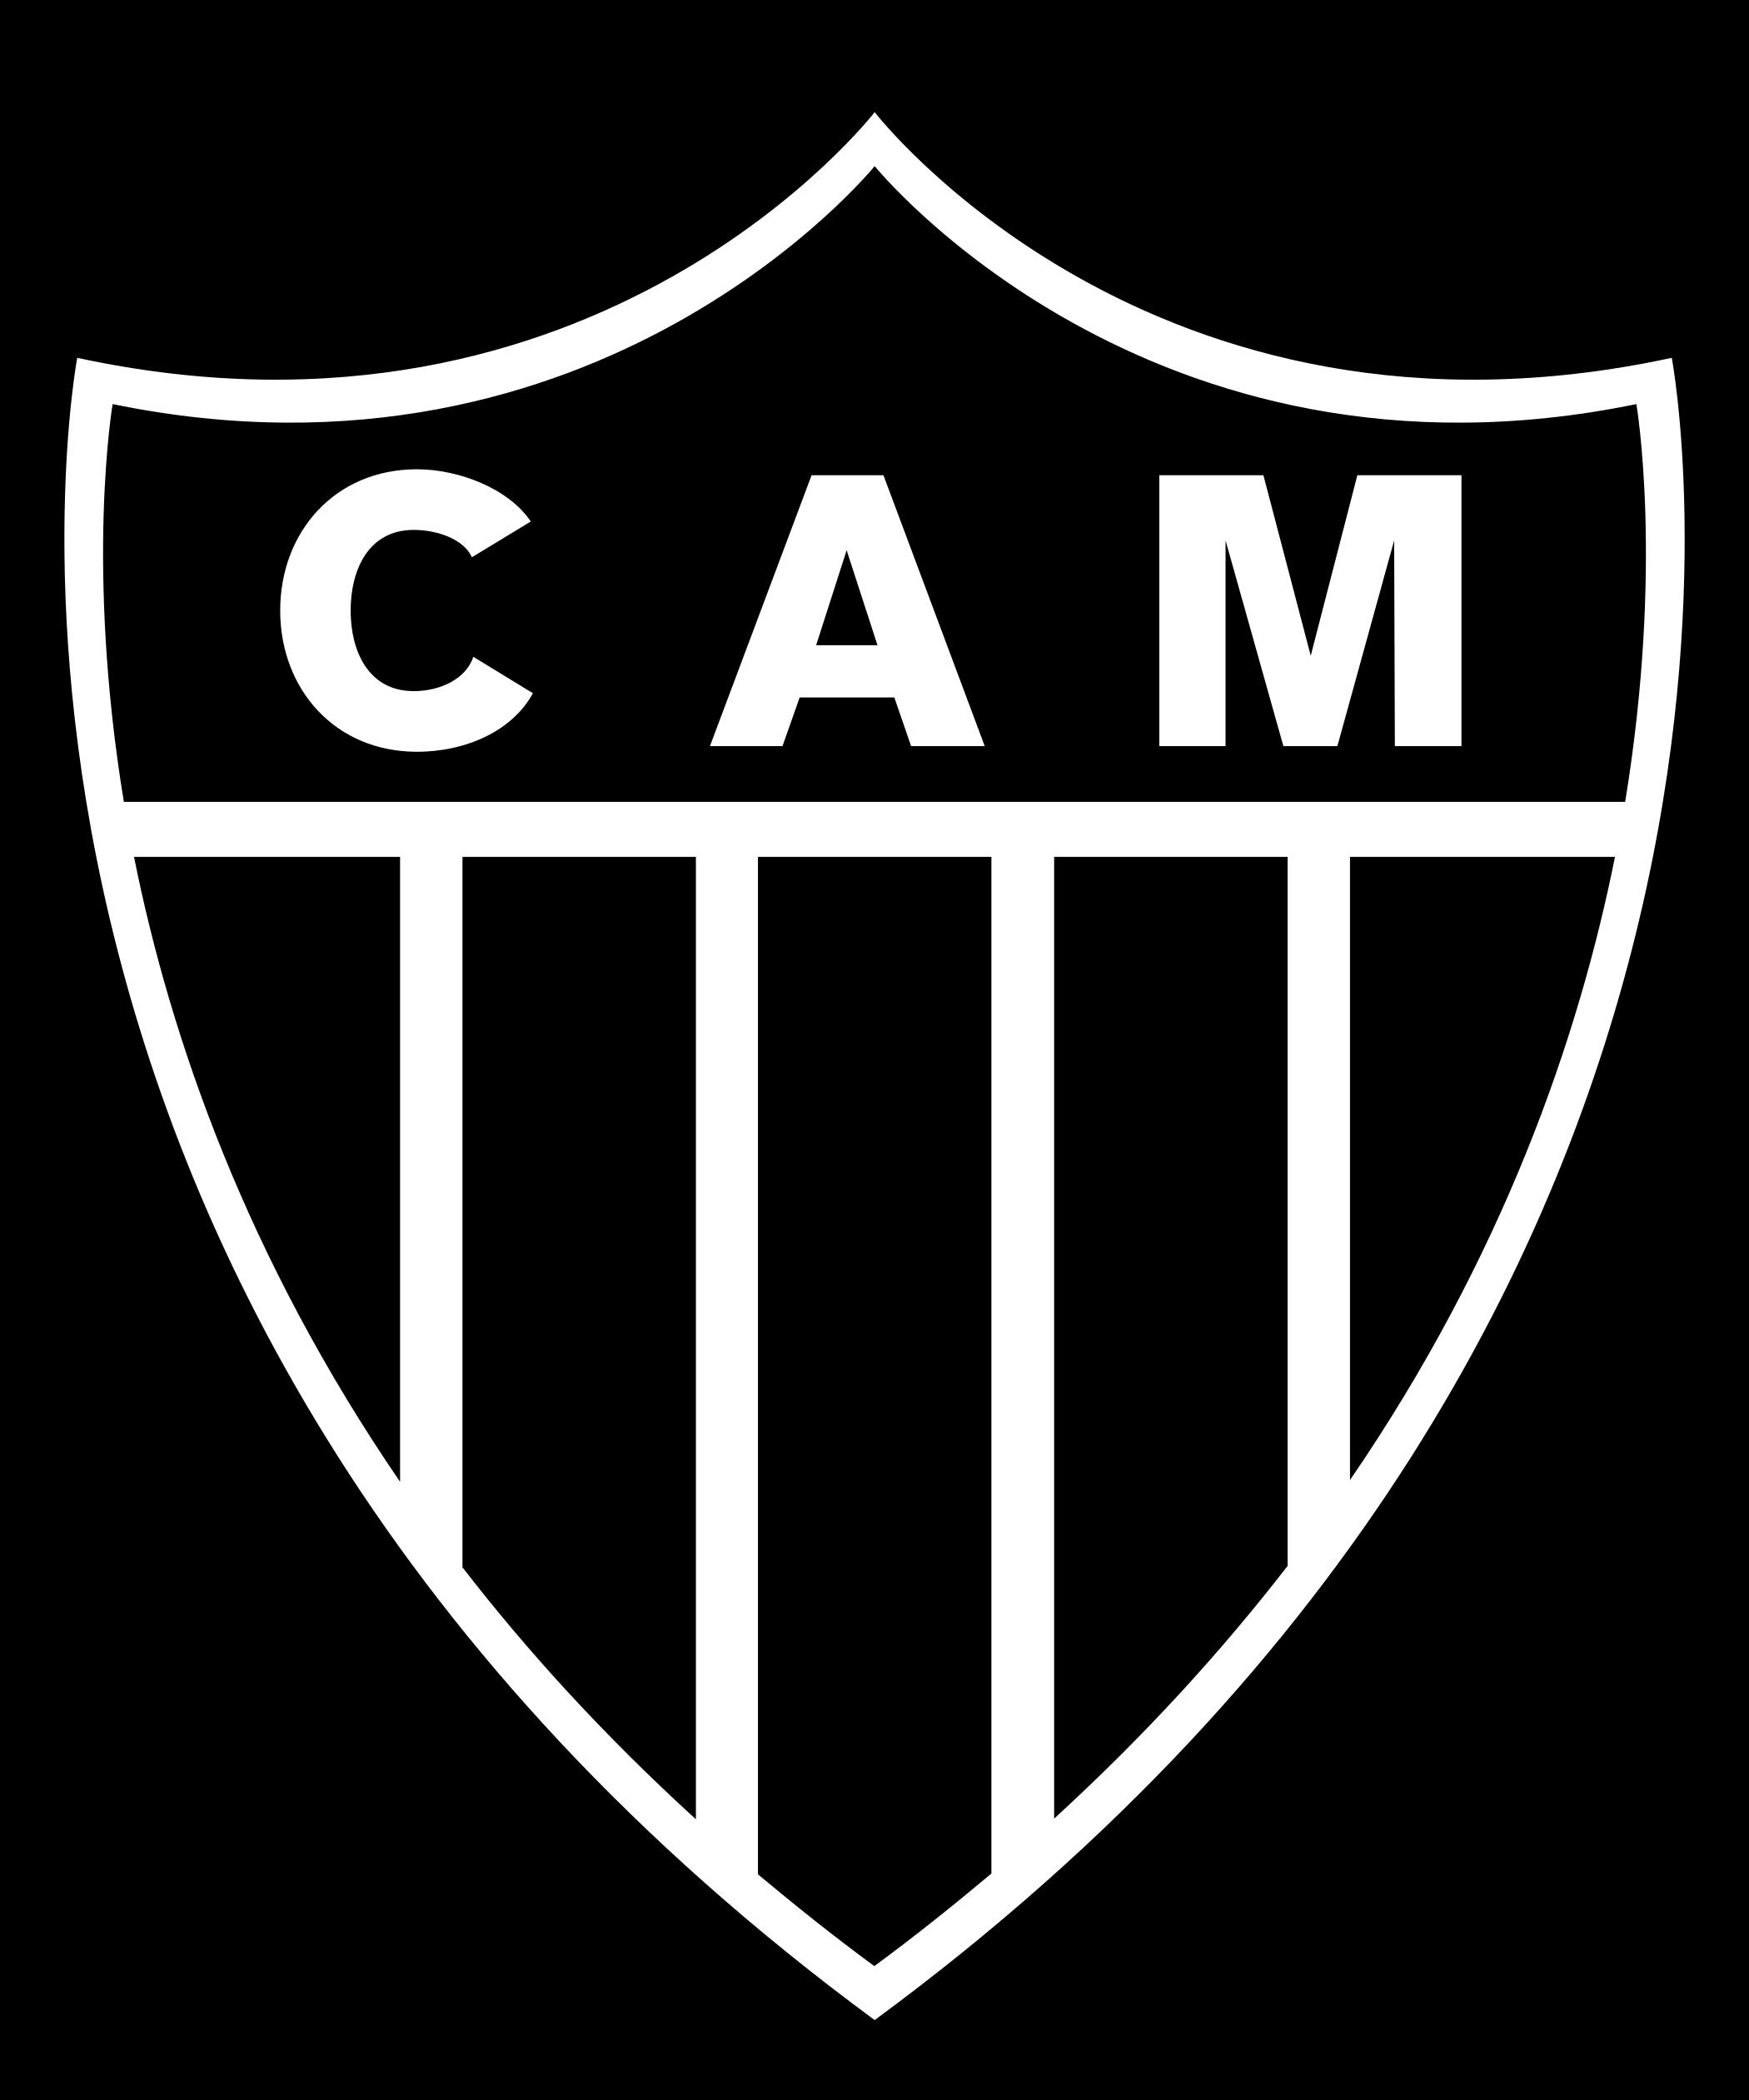 atletico mineiro logo escudo 3 - Atlético Mineiro Logo